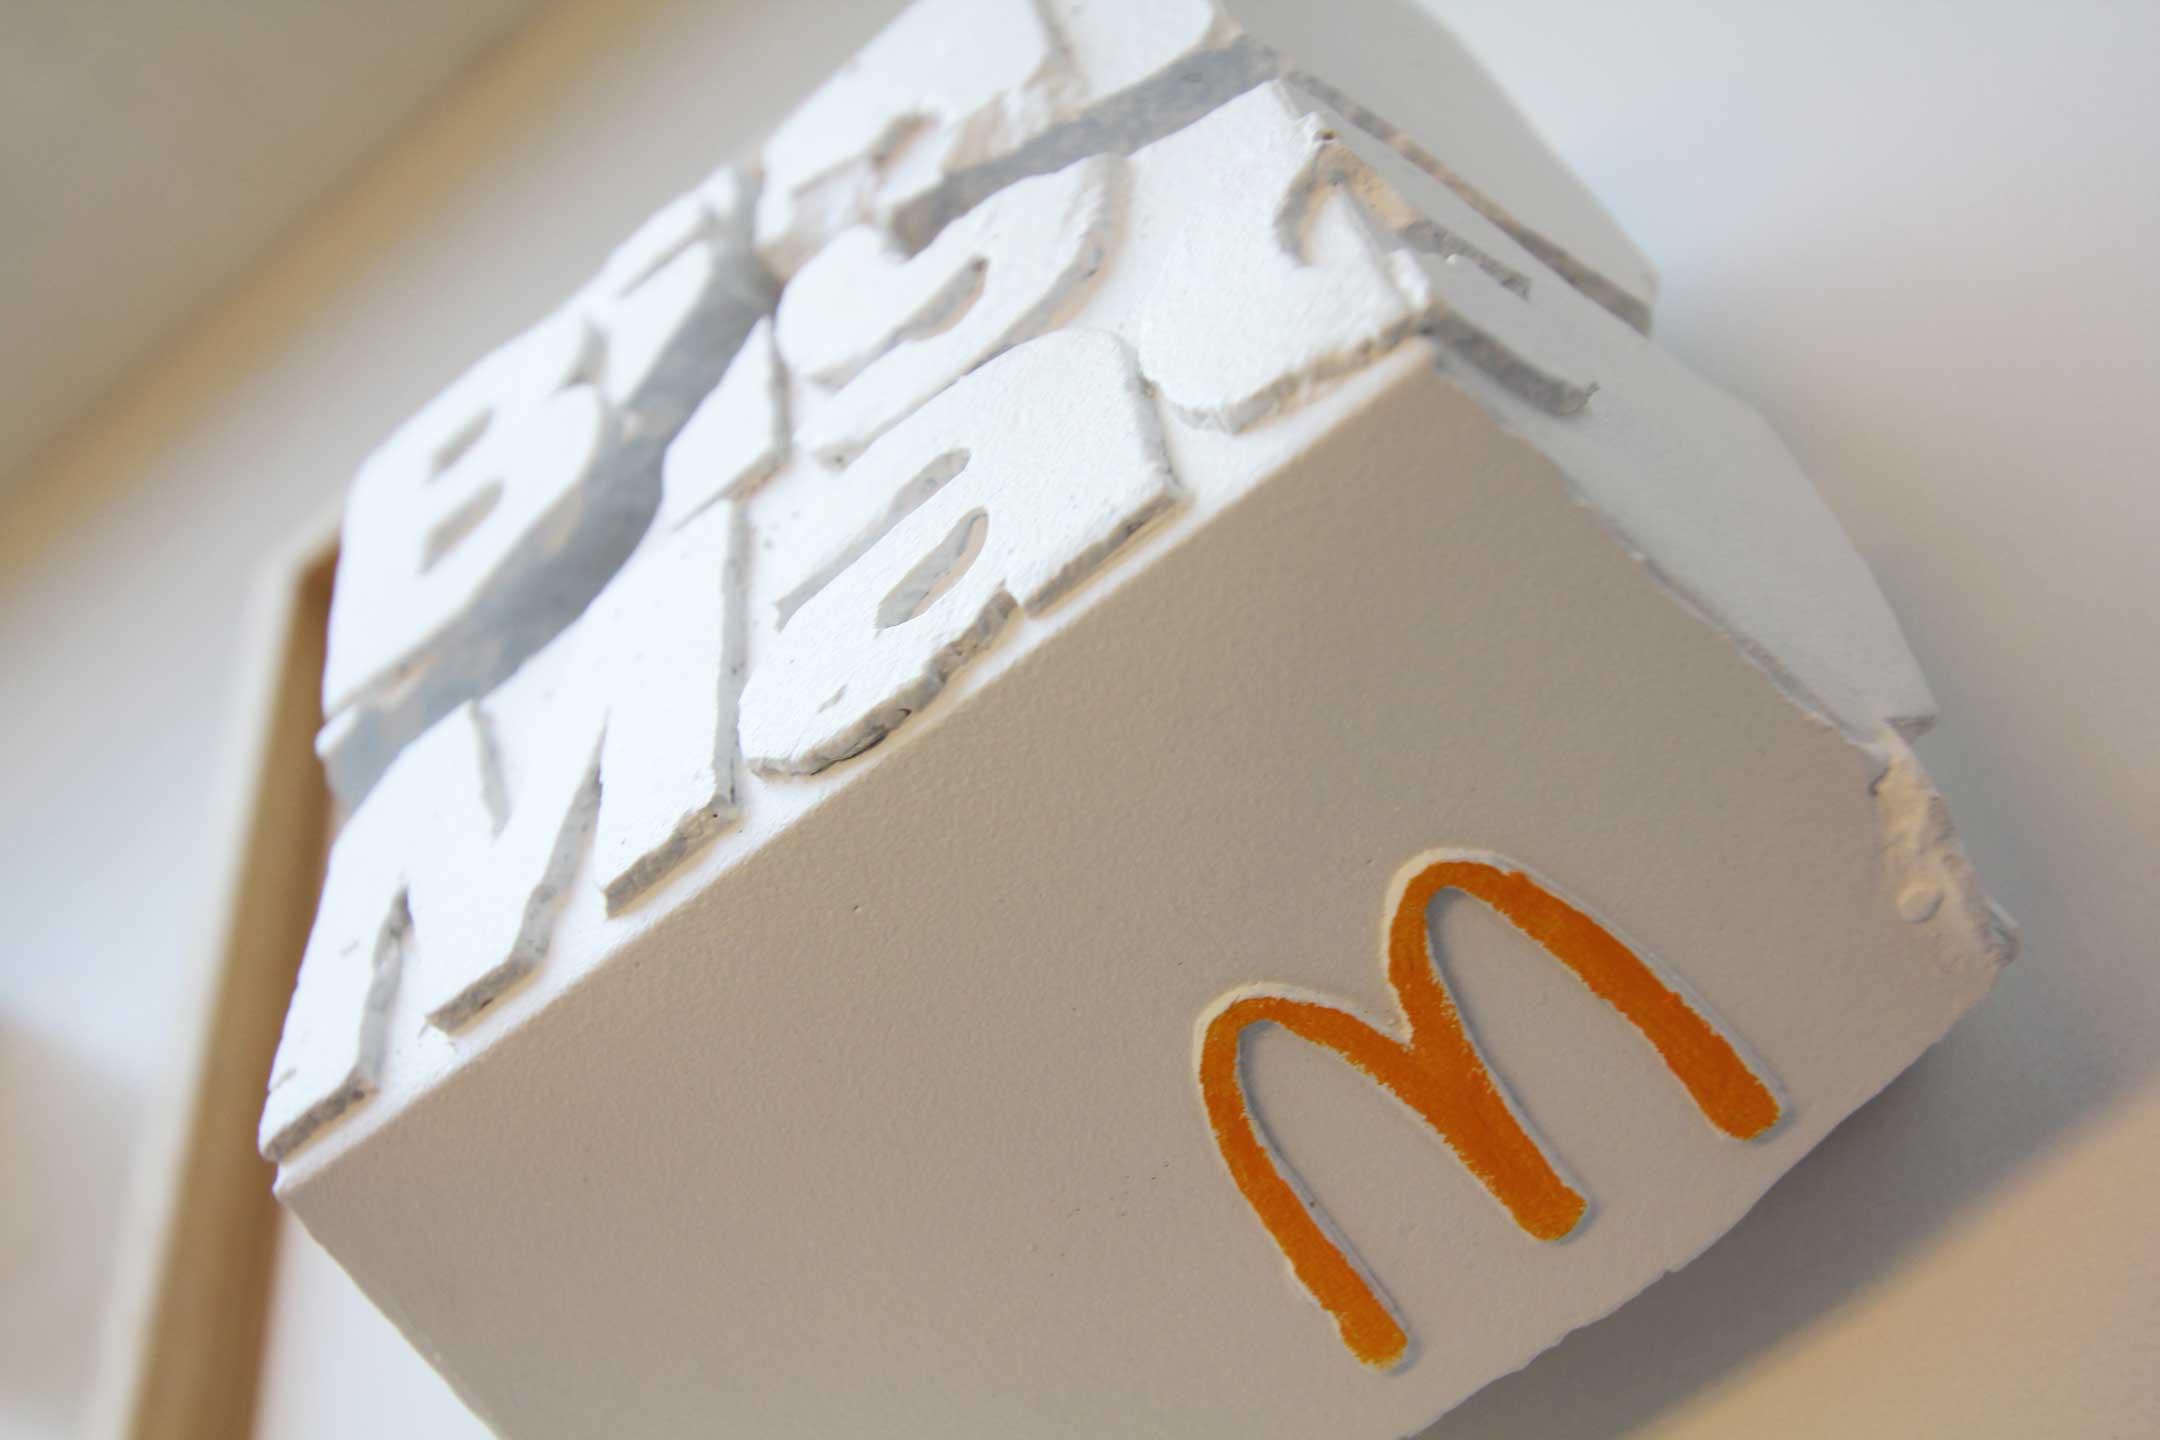 McDonalds BigMac by Bram Mous